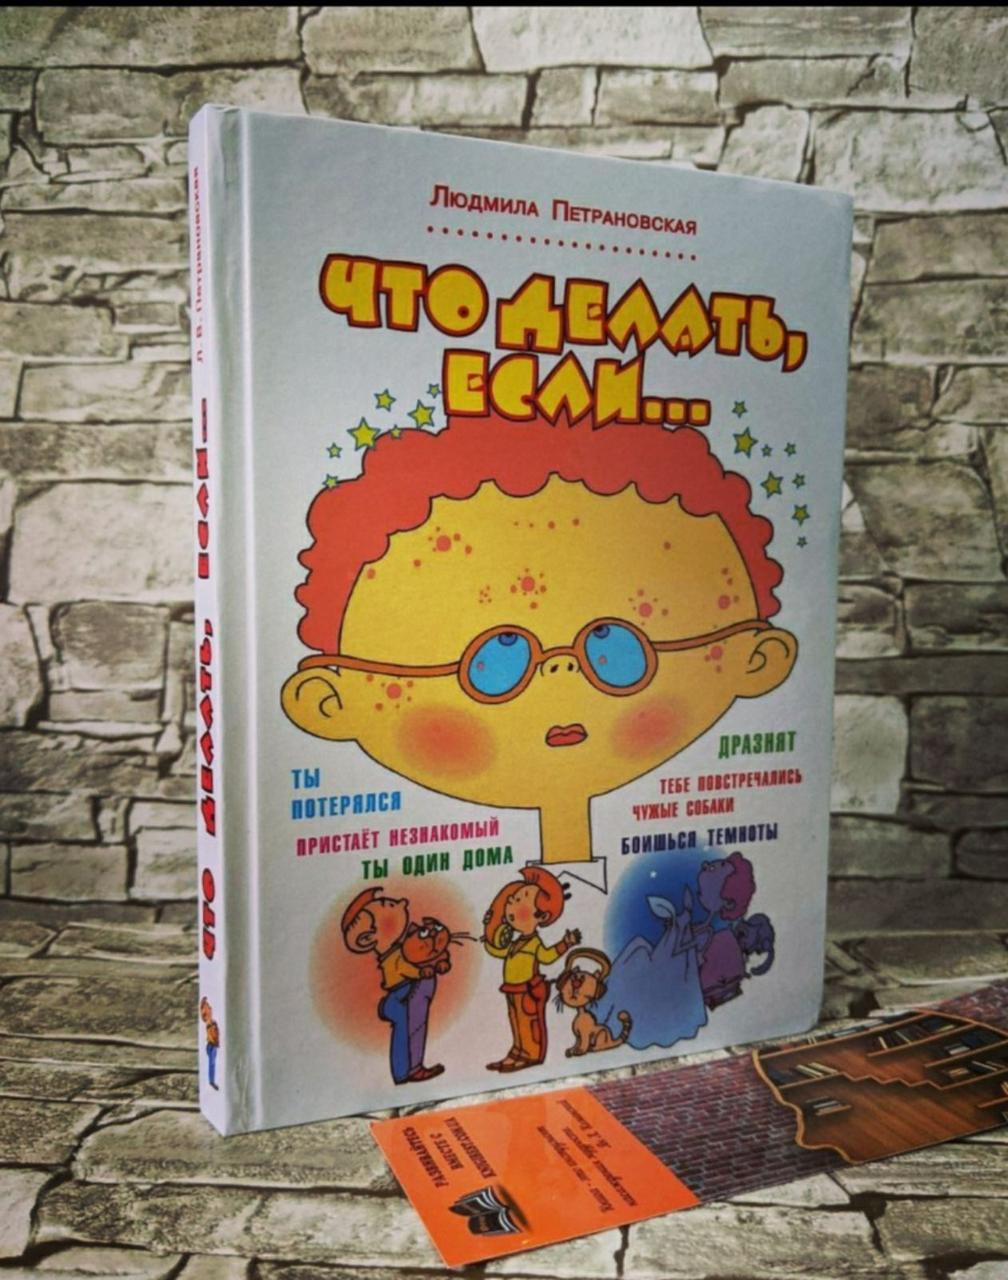 """Книга """"Что делать если..."""" Людмила Петрановская"""